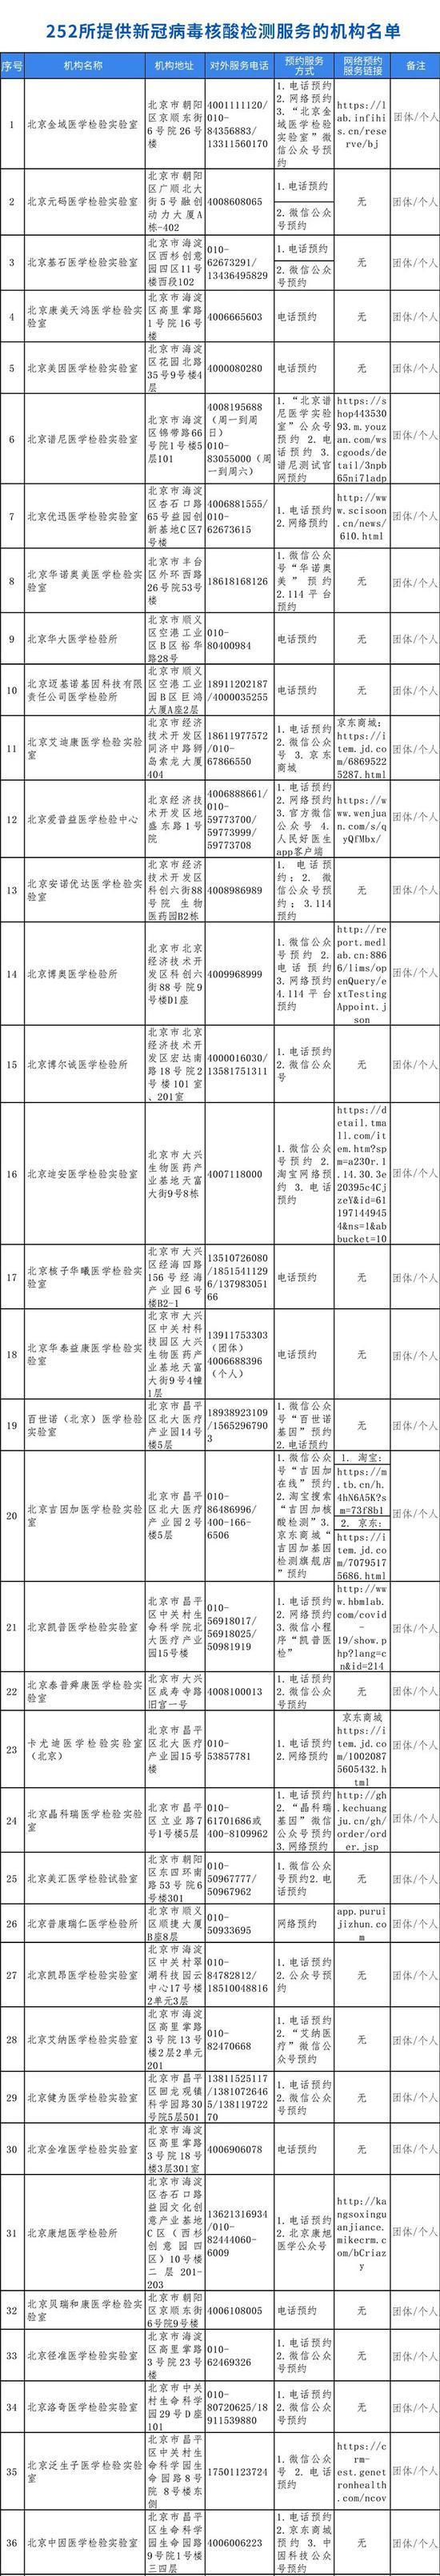 最全!252家北京具备核酸检测能力的机构名单图片